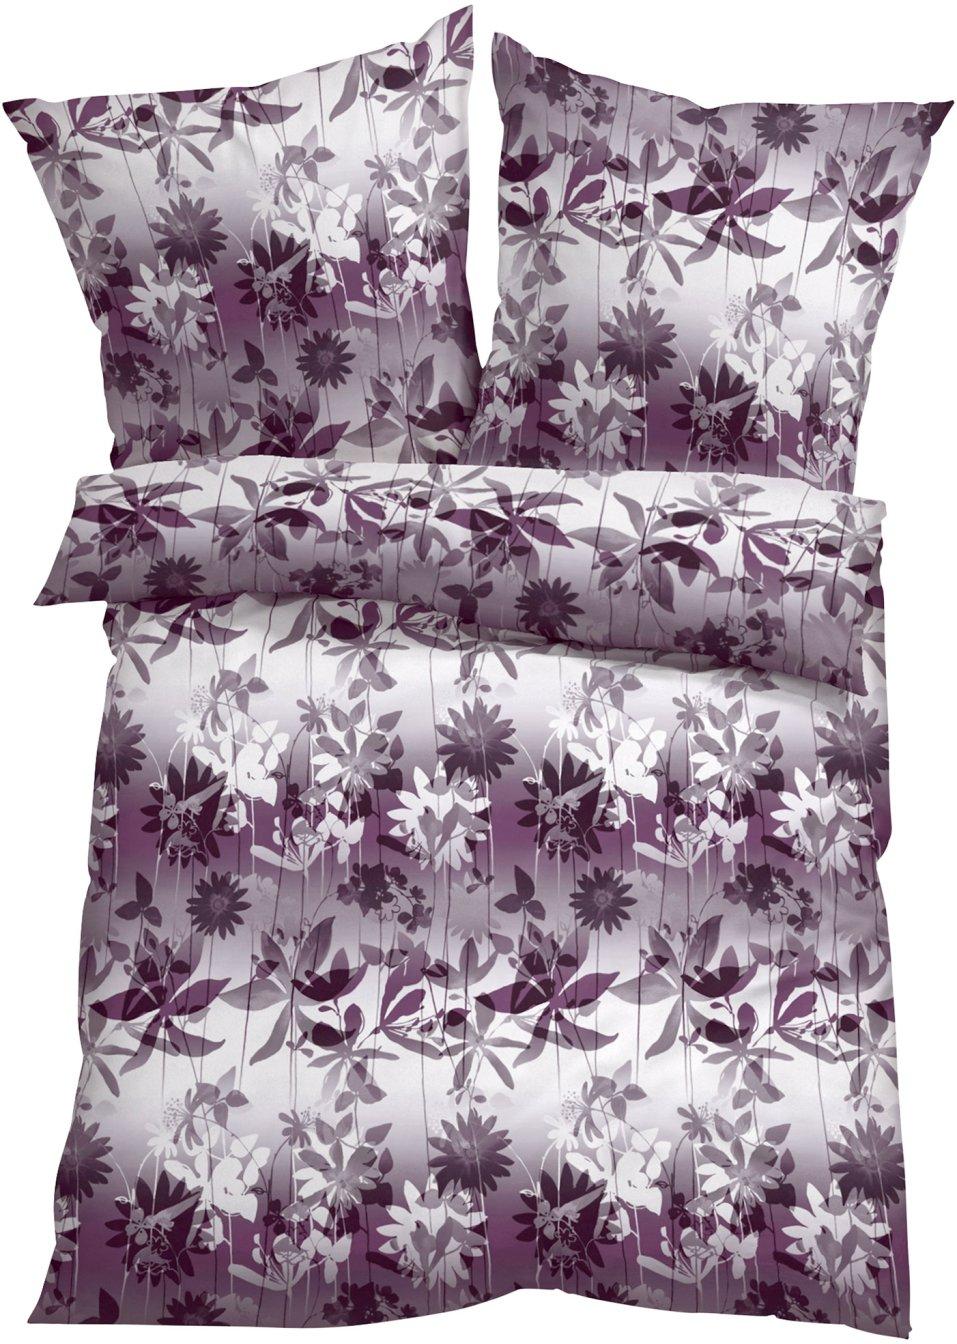 linge de lit flora rose prune bpc living acheter online. Black Bedroom Furniture Sets. Home Design Ideas